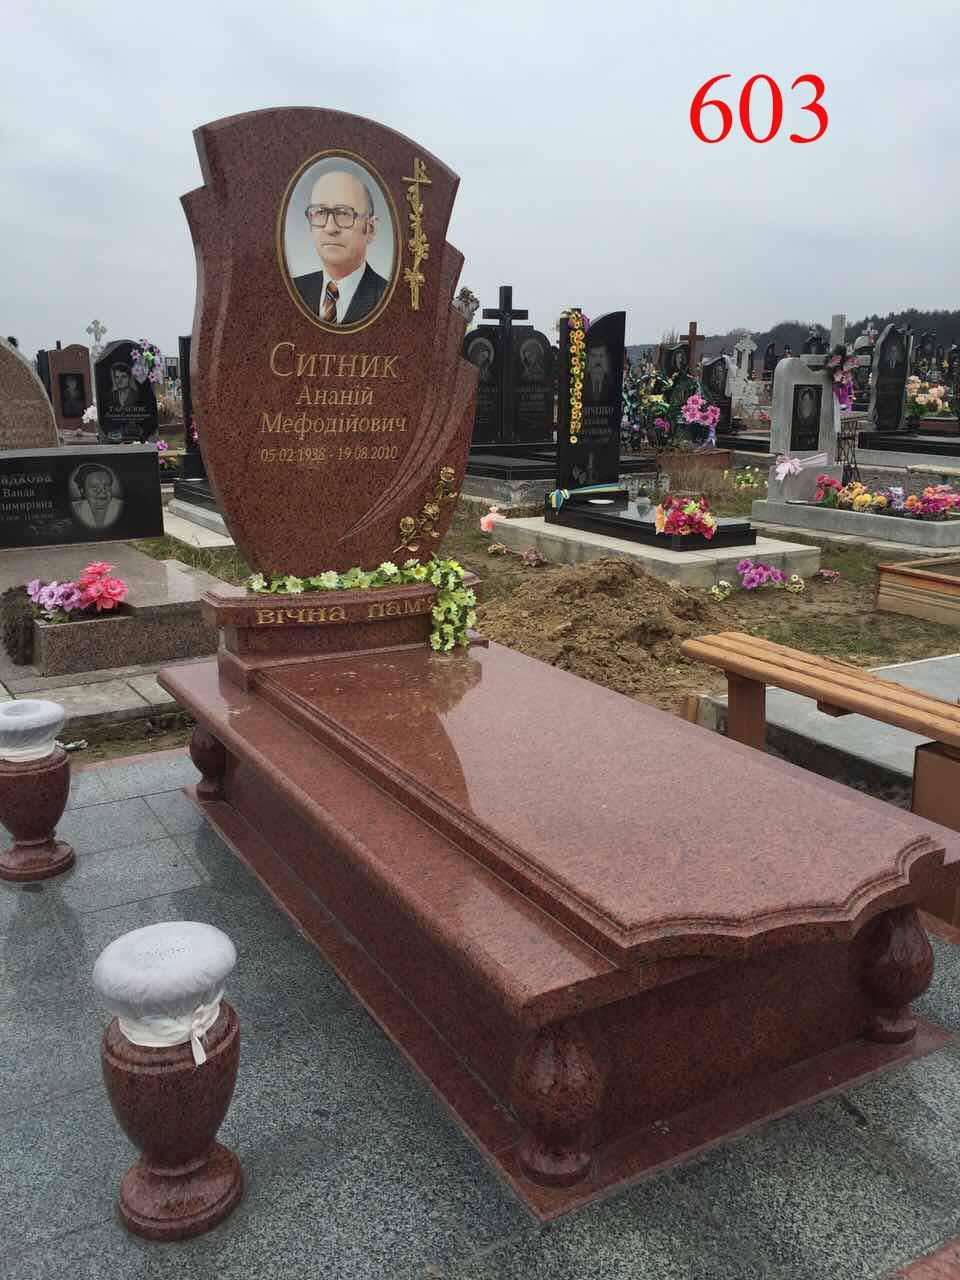 Где купить памятник этот комплекс надгробные плиты фото в юности